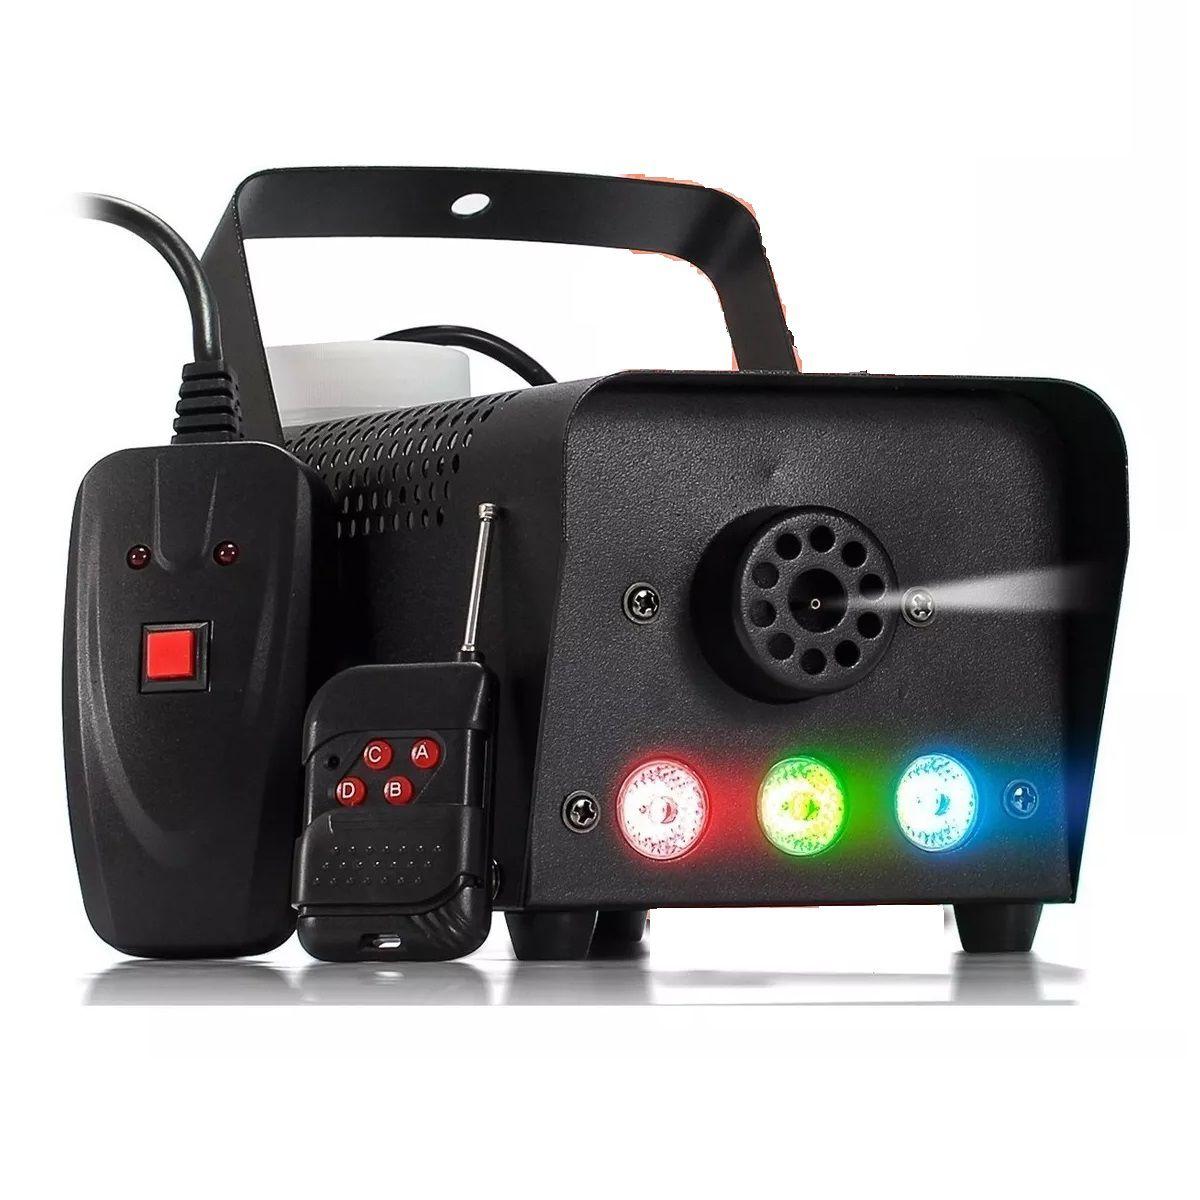 Máquina de Fumaça 600w 3 Leds 1 Watt RGB Controle Sem Fio - XH-600W